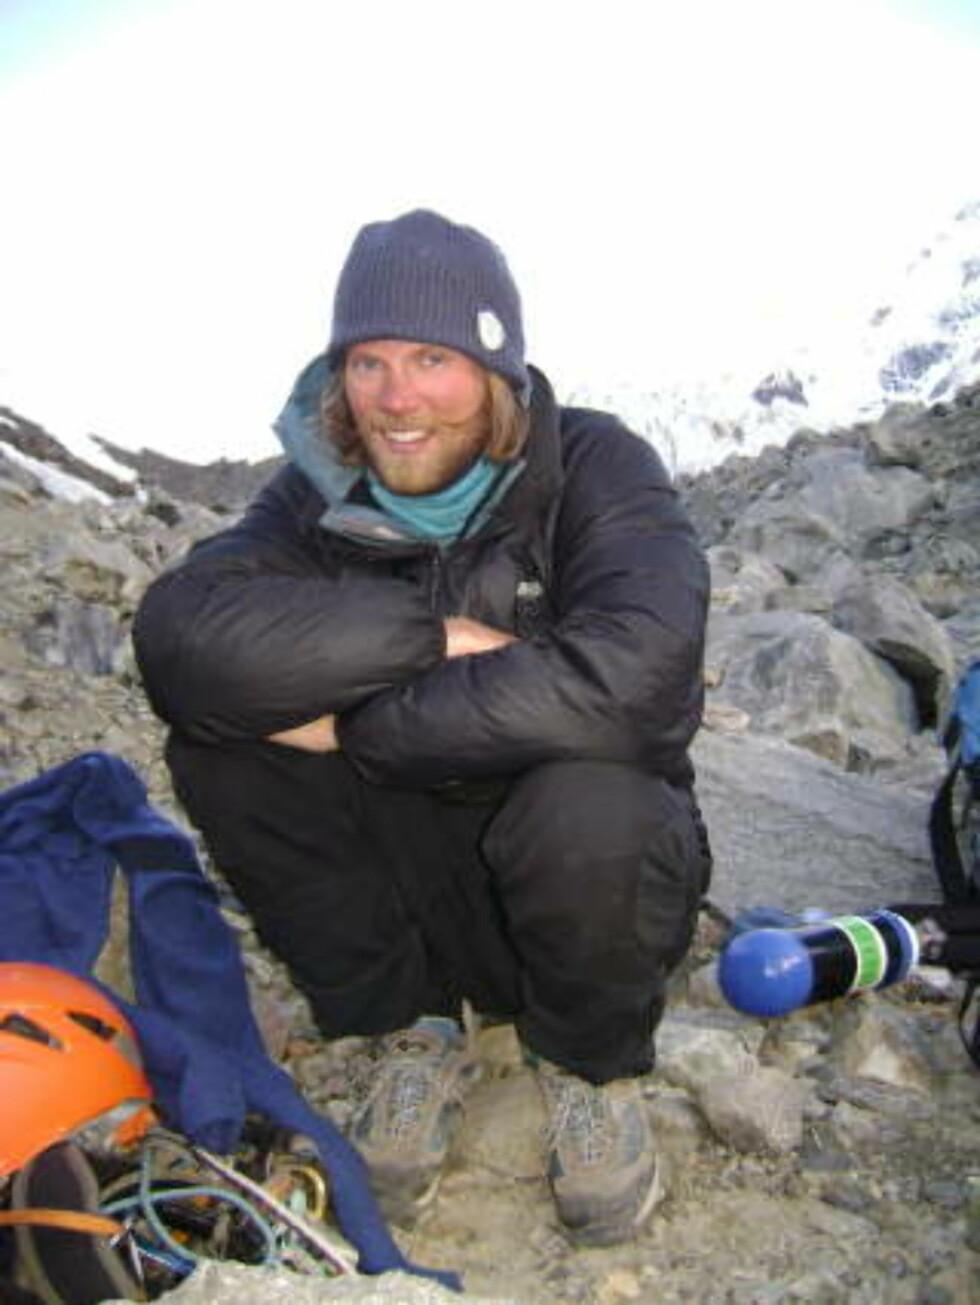 PÅ VEI OPP: Rolf Bae PÅ 5300 meters høyde, på vei opp mot K2. Foto: PRIVAT